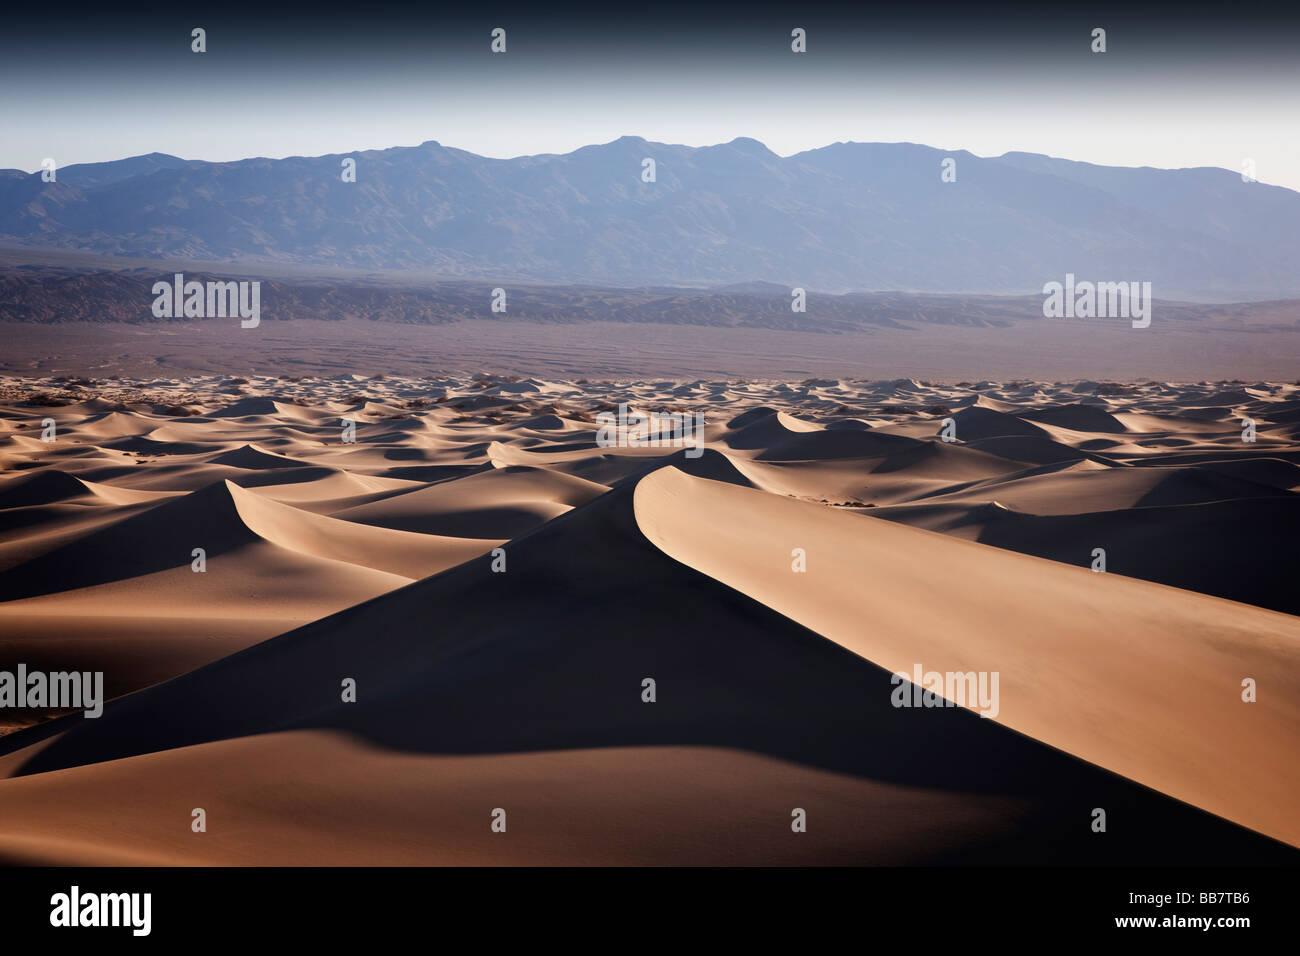 El Mesquite dunas de arena en el Parque Nacional Valle de la Muerte en California, EE.UU. Imagen De Stock